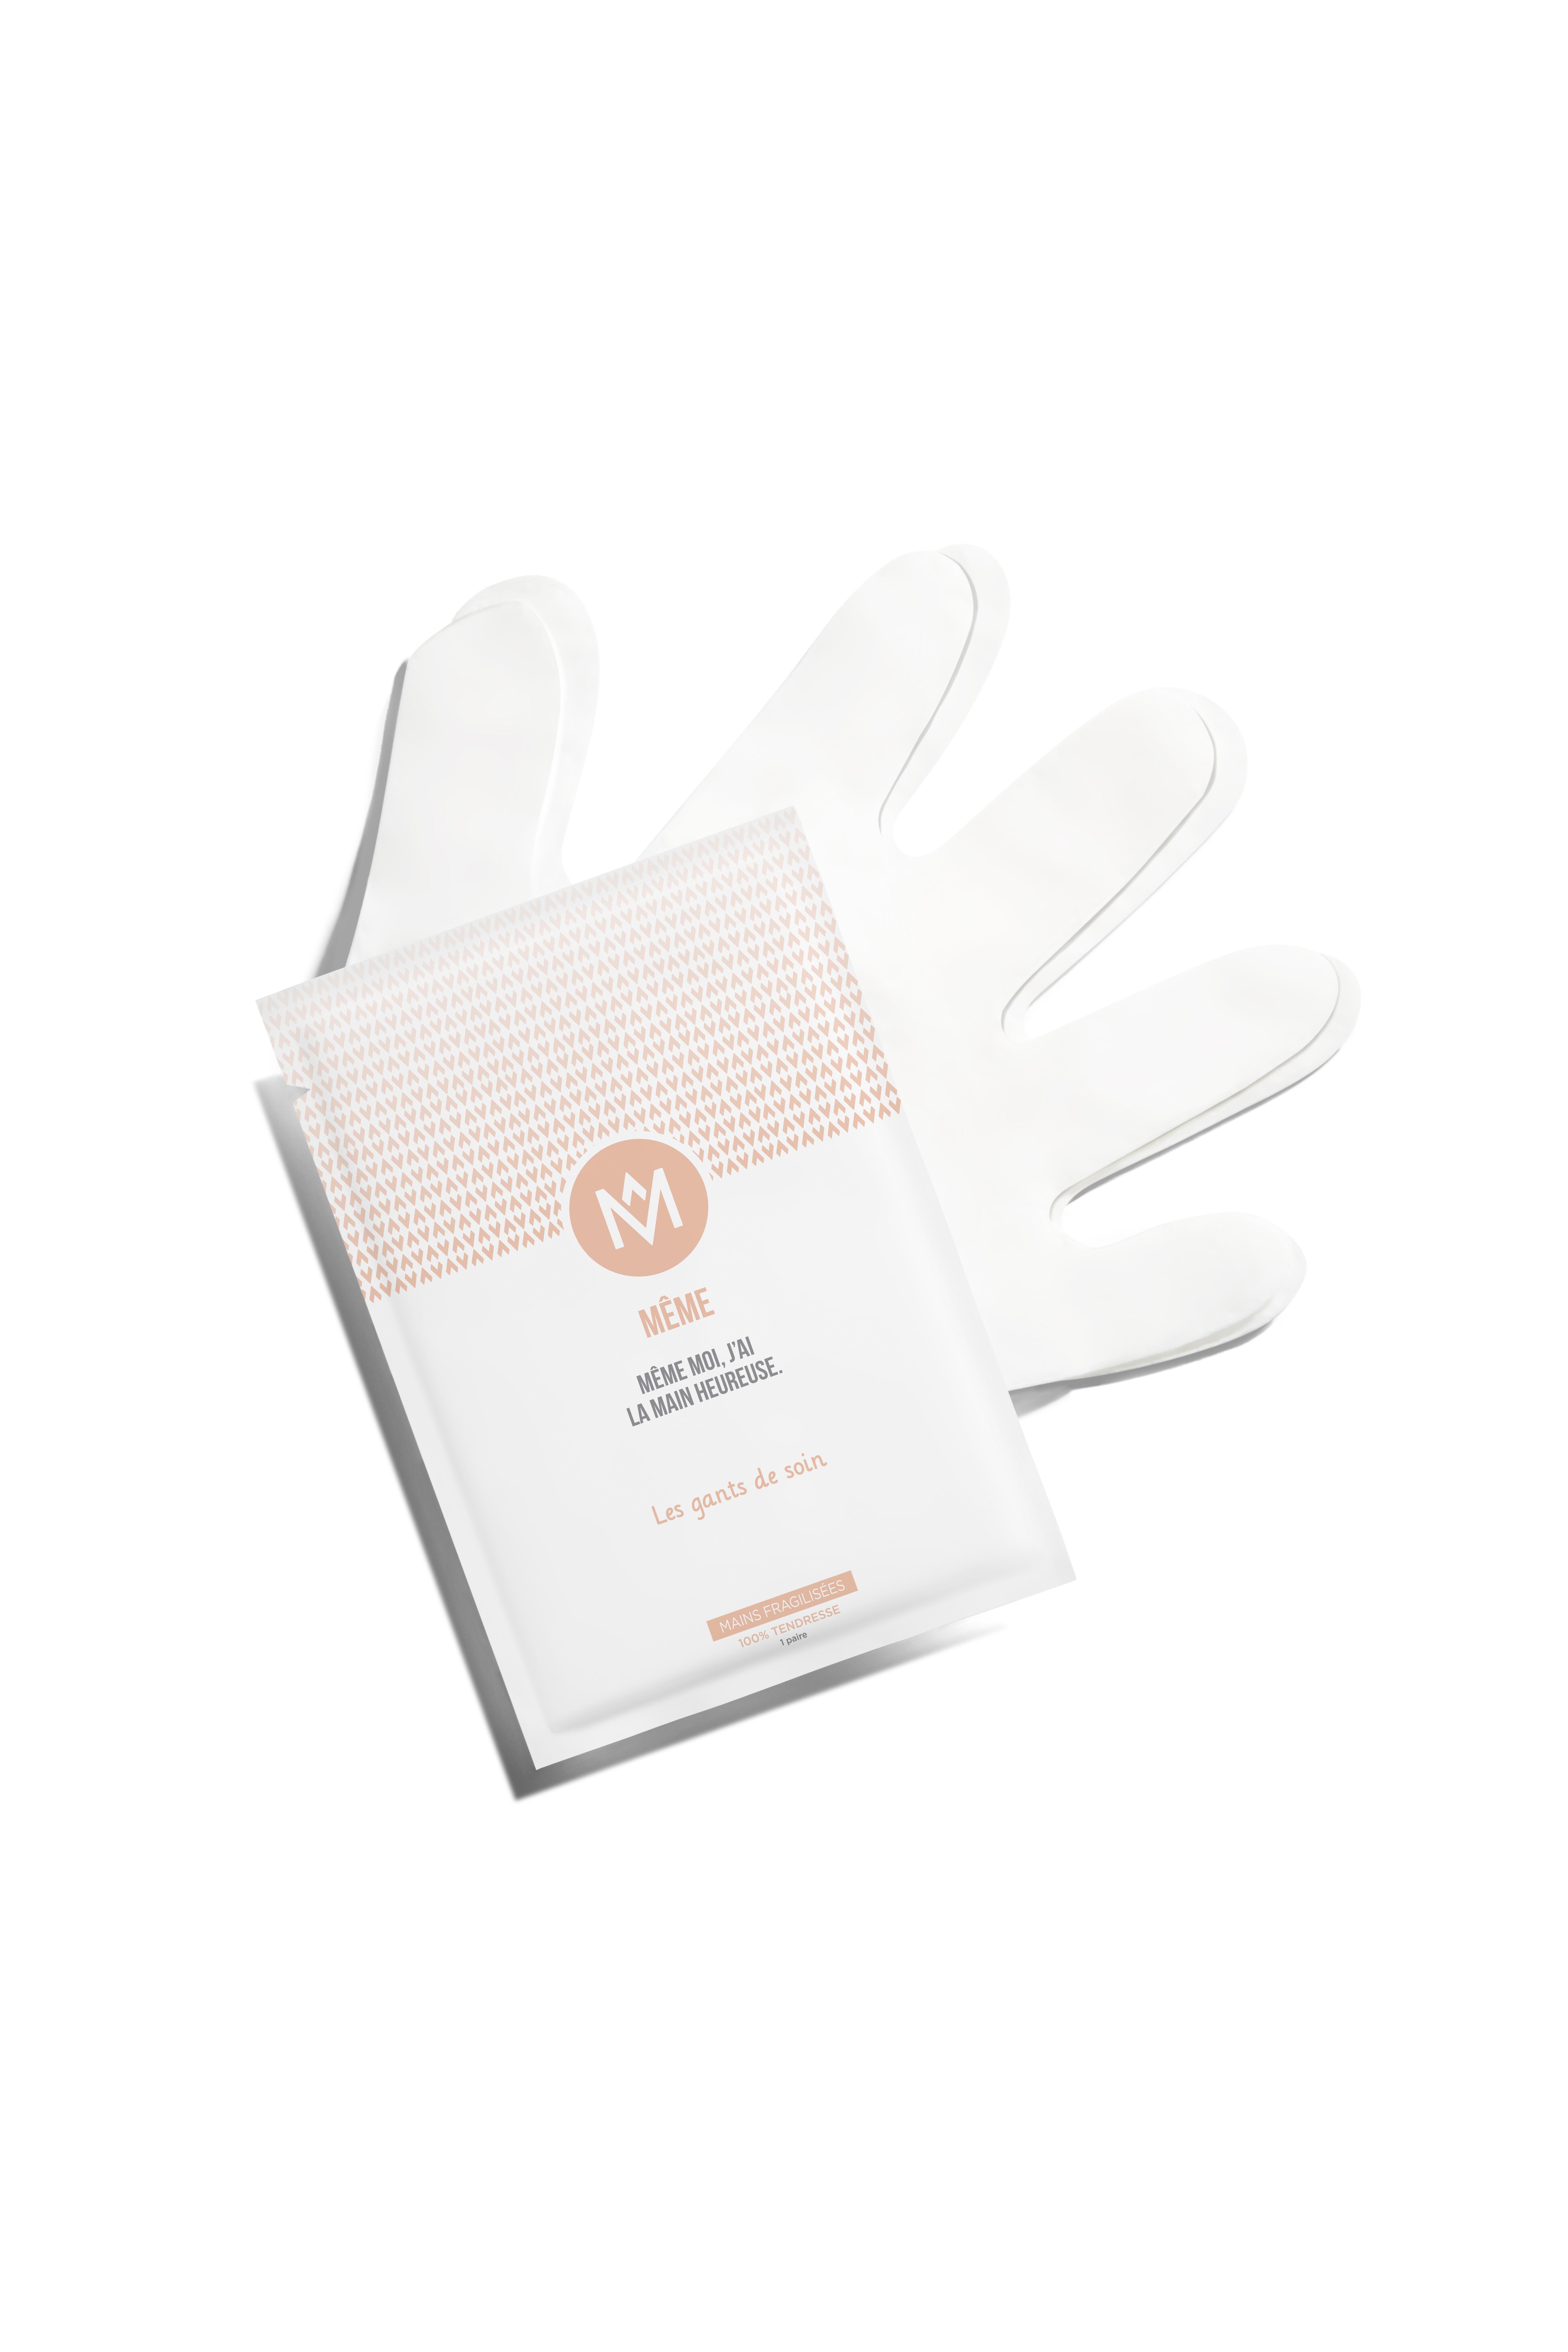 Les gants de soin MÊME Cosmetics